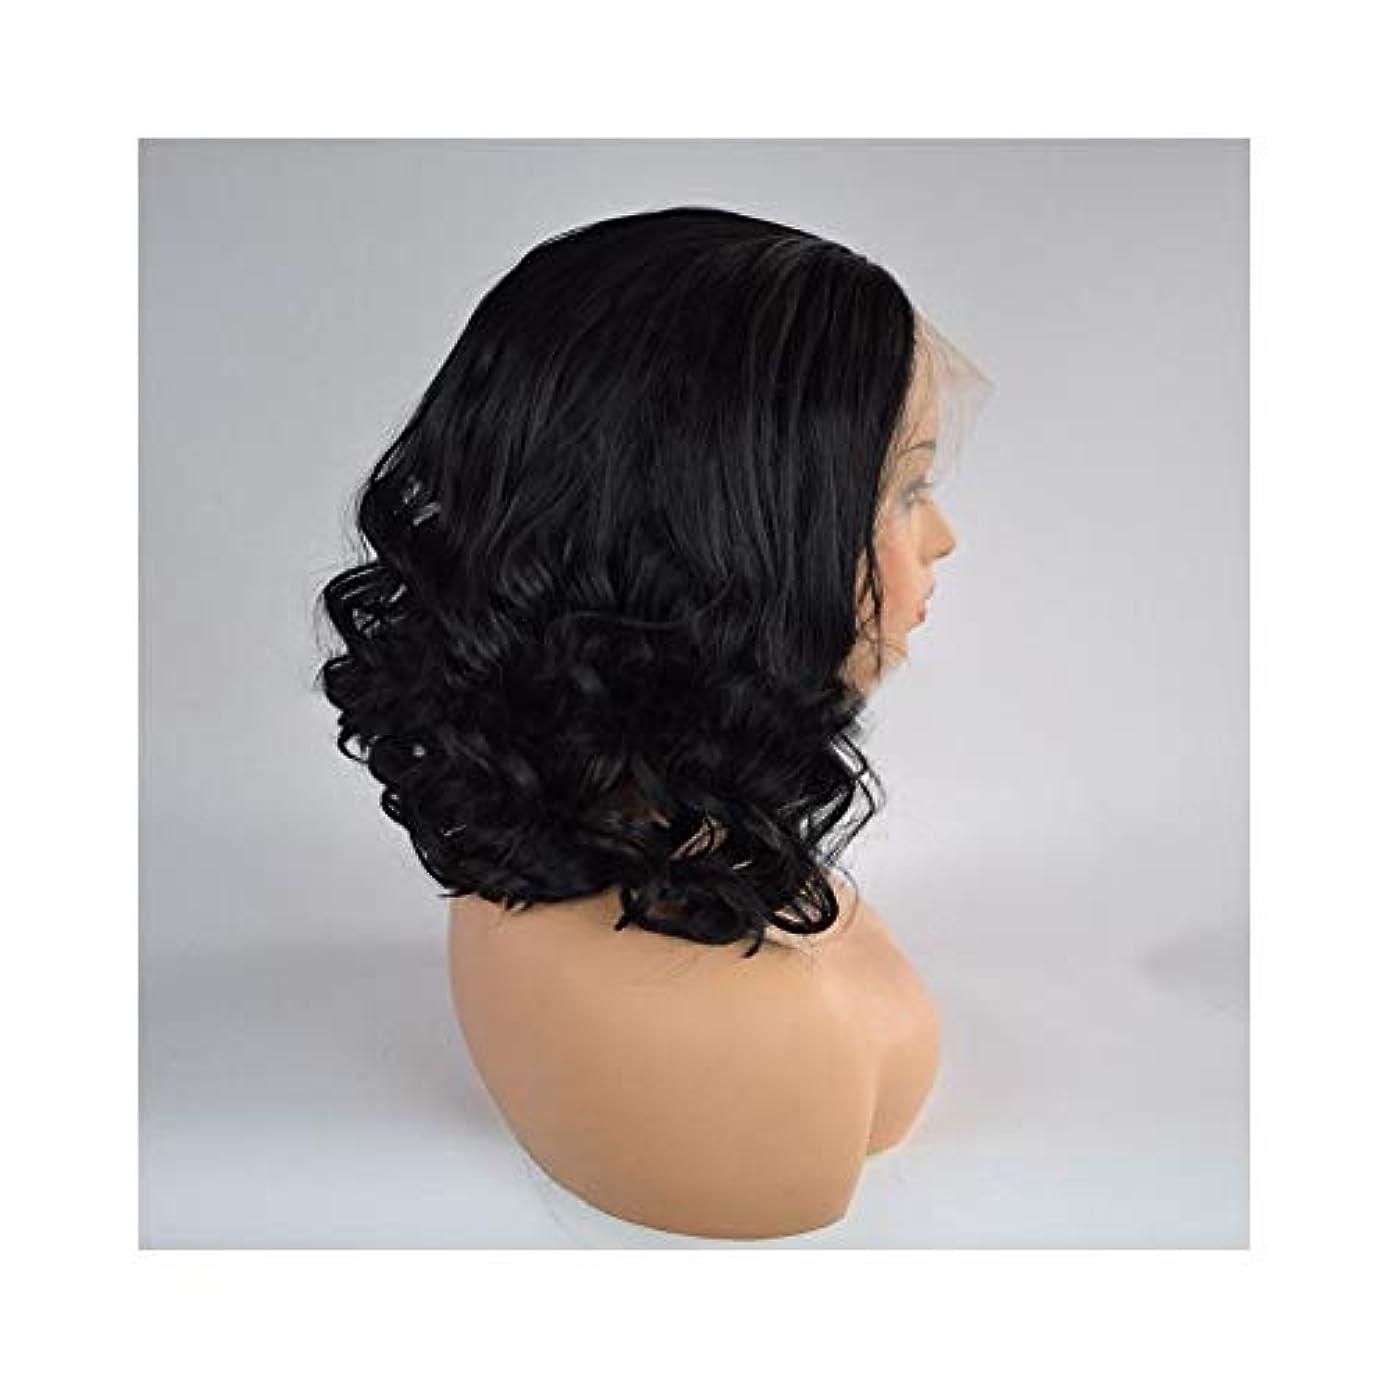 オープナータール増幅YOUQIU 女性のかつらのためにショートボブレースフロントウィッグウェーブ髪の耐熱性繊維中東別れ (色 : 黒)